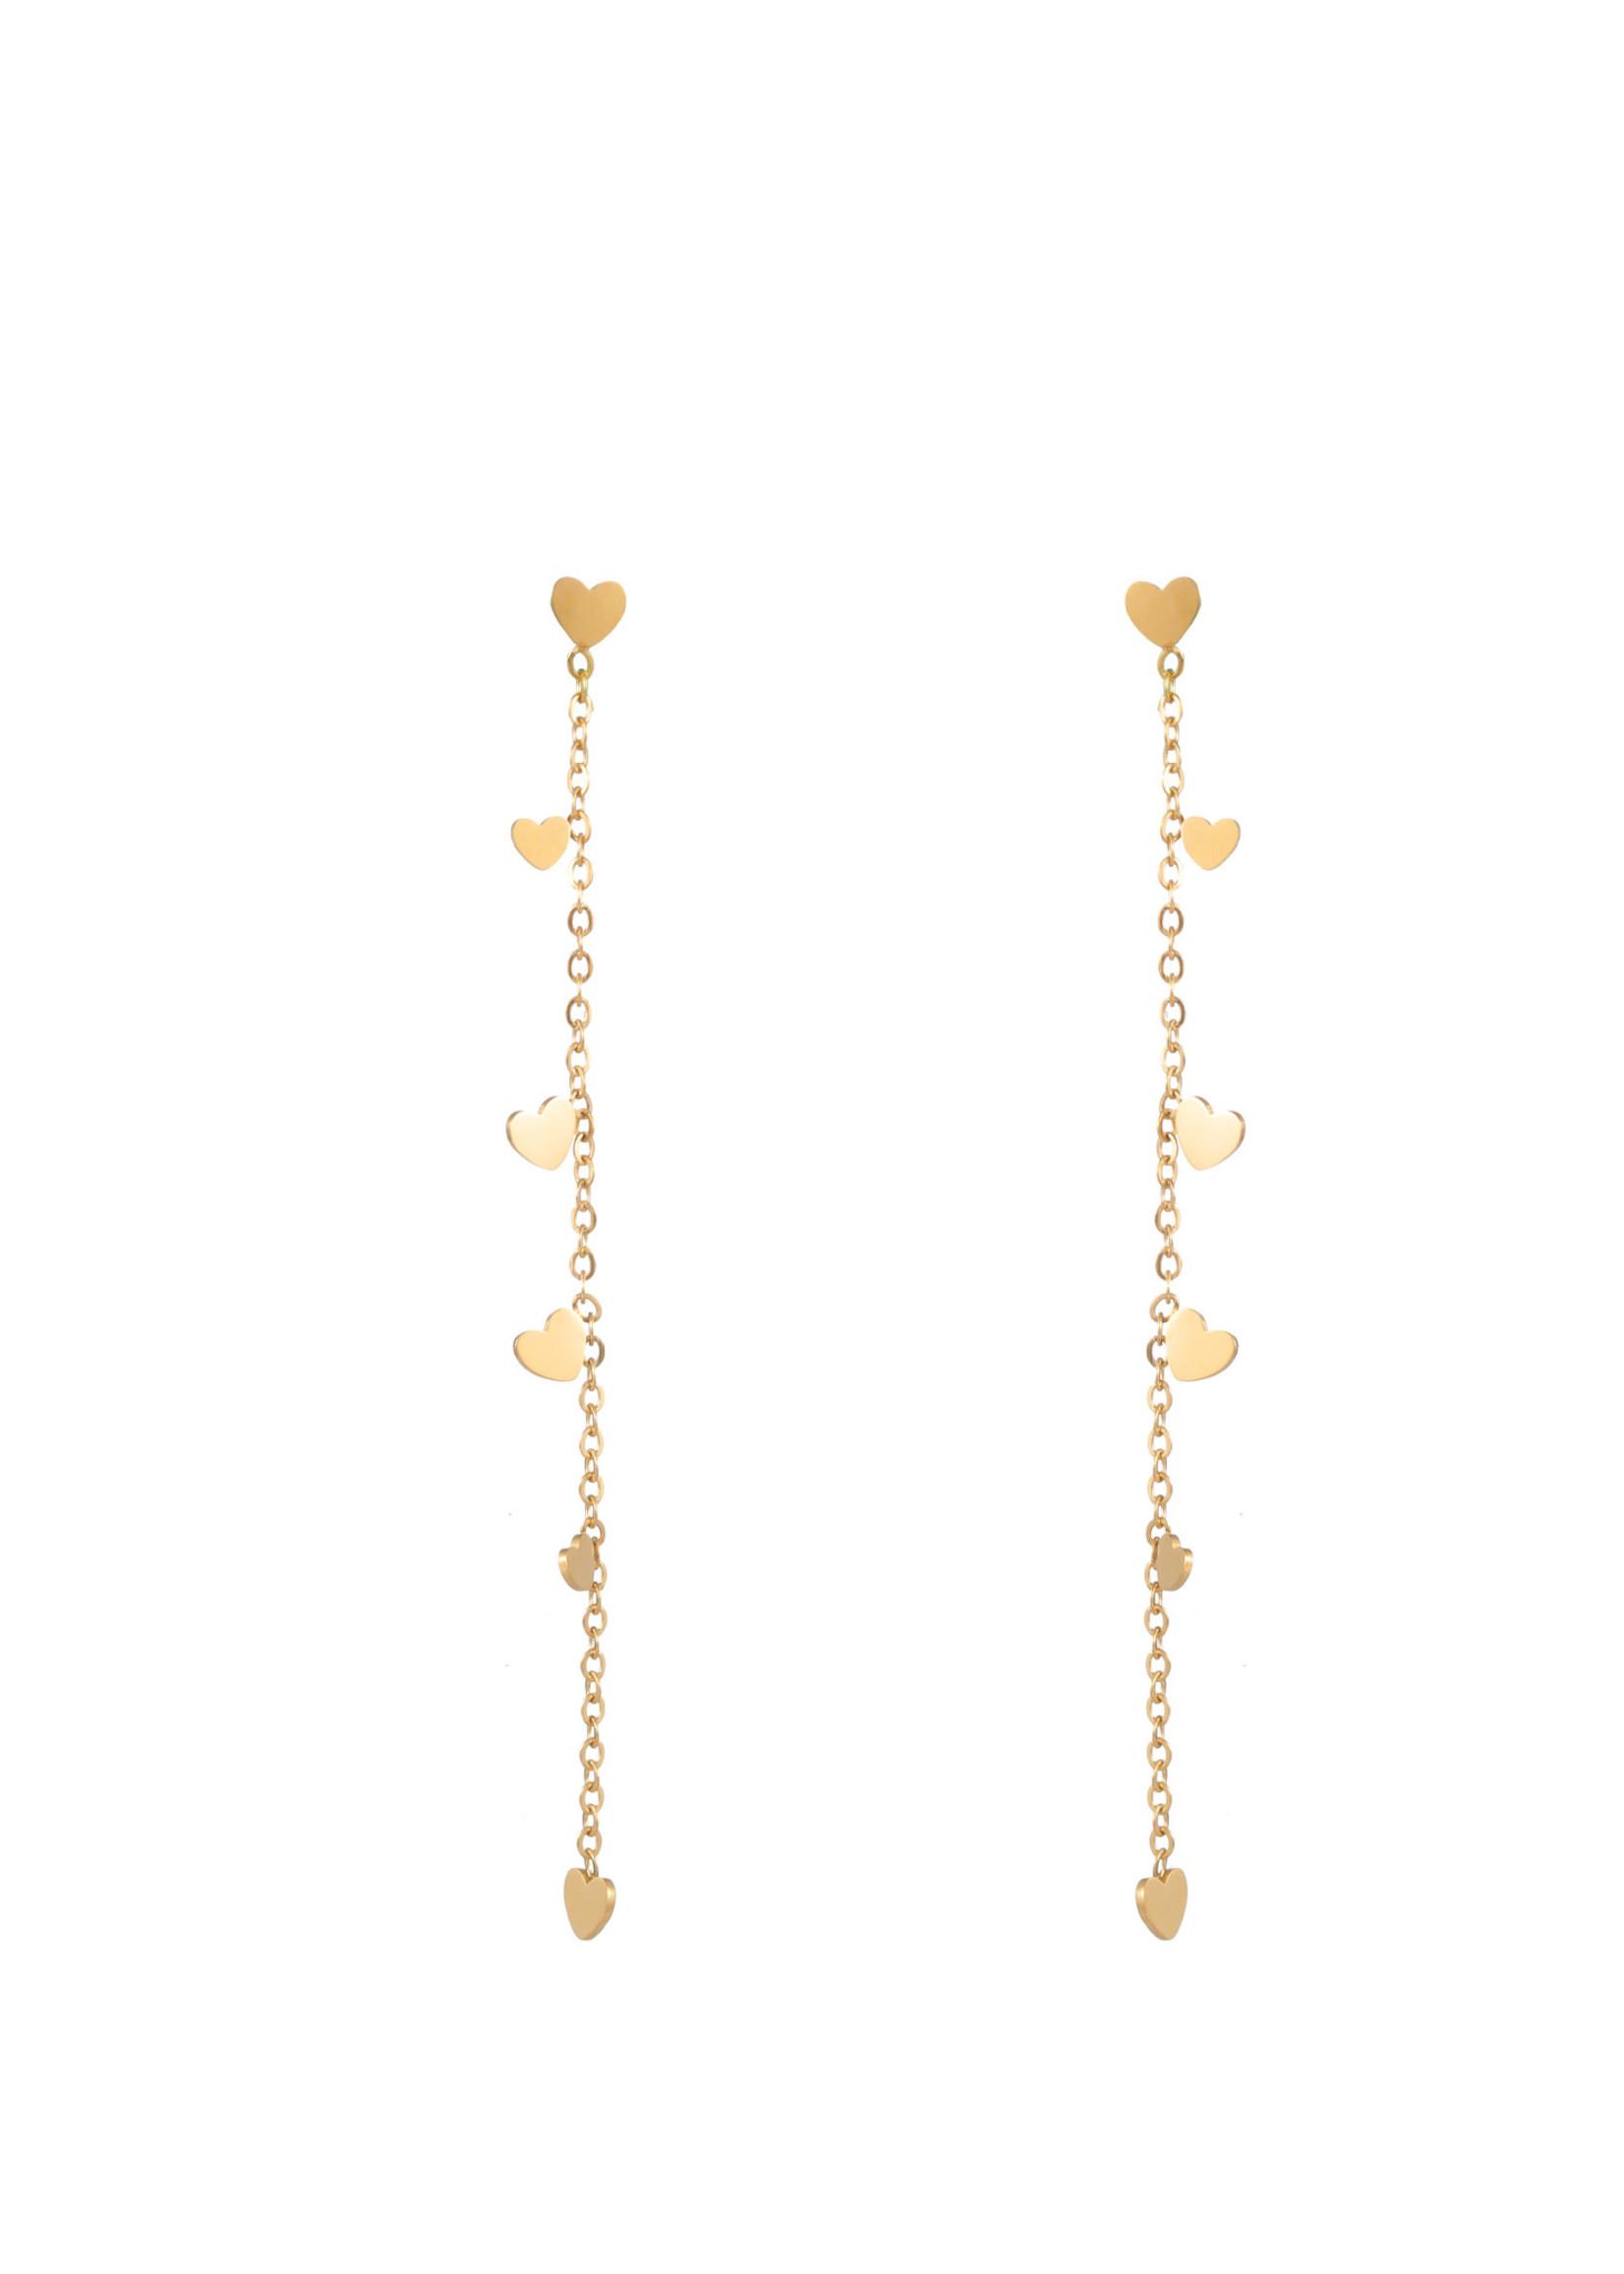 Oorbel goud met hartjes E1833-2